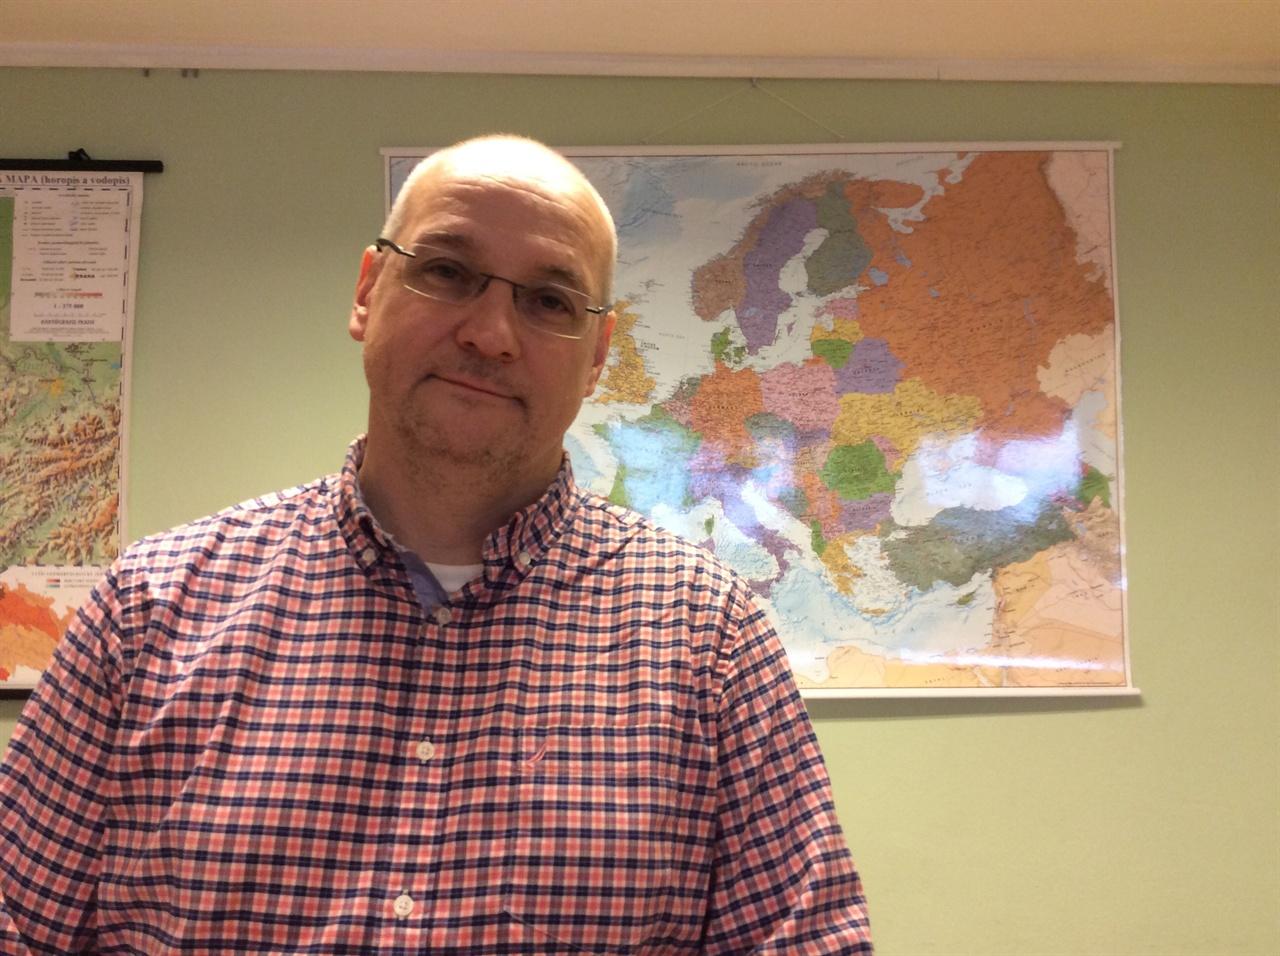 바츨라프 바르추쉬카 교수 바츨라프 바르추쉬카 교수가 자신이 강의하고 있는 프라하 소재 뉴욕대에서 인터뷰후 포즈를 취하고 있다.